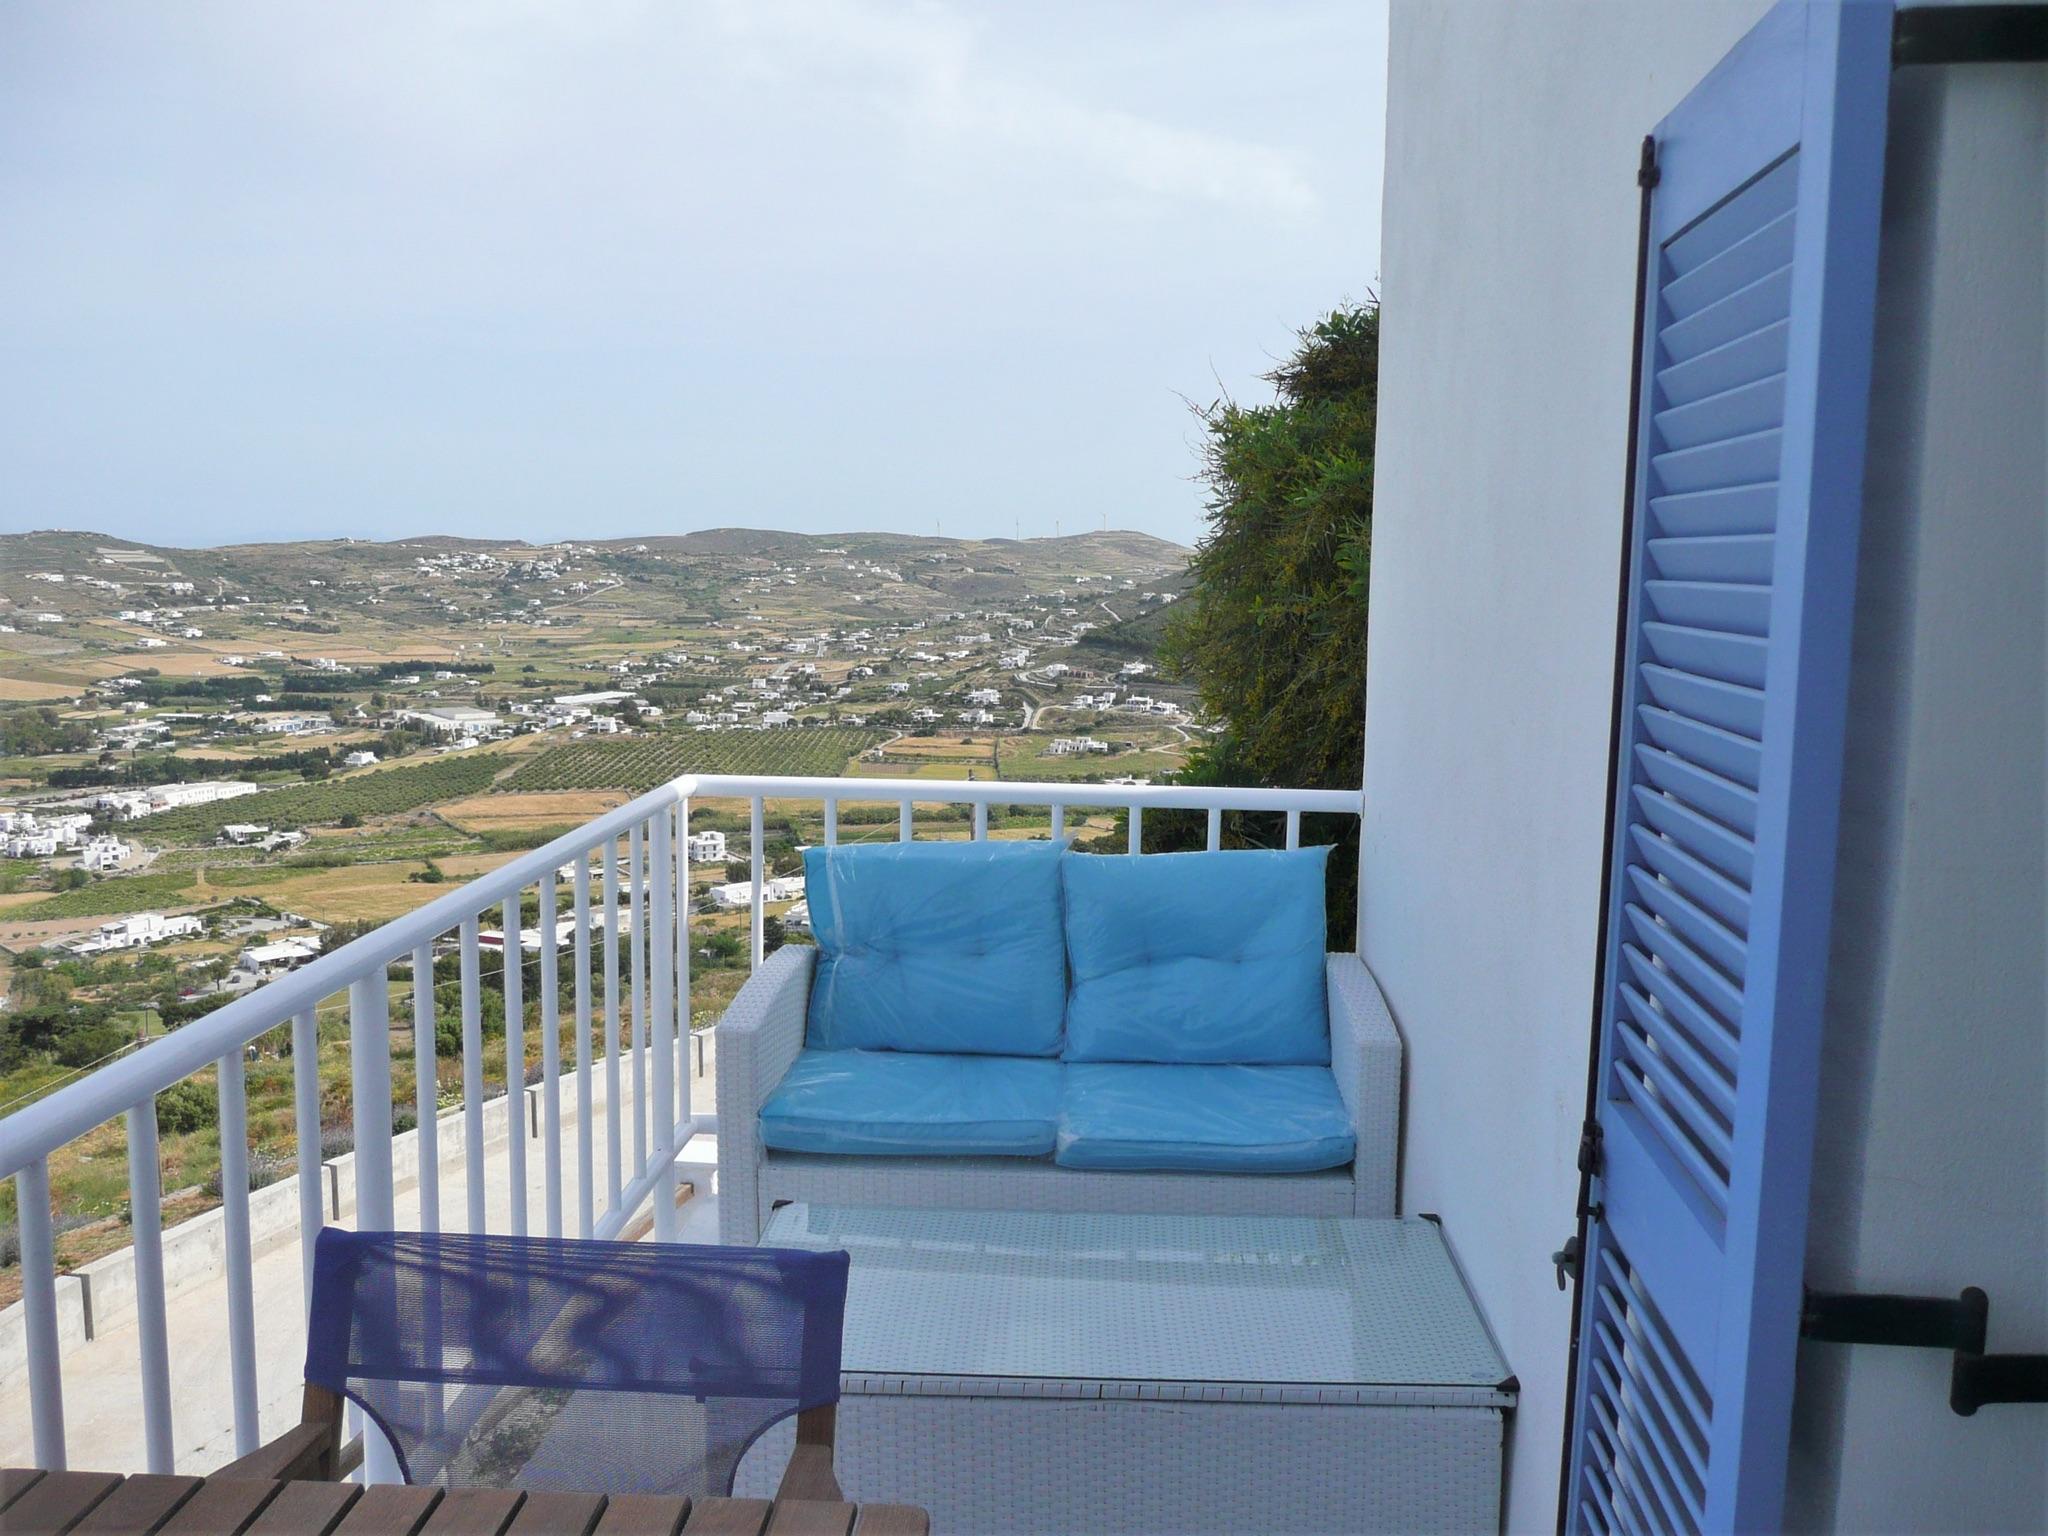 Ferienhaus Villa im Kykladen-Stil auf Paros (Griechenland), mit 2 Schlafzimmern, Gemeinschaftspool &  (2201782), Paros, Paros, Kykladen, Griechenland, Bild 17